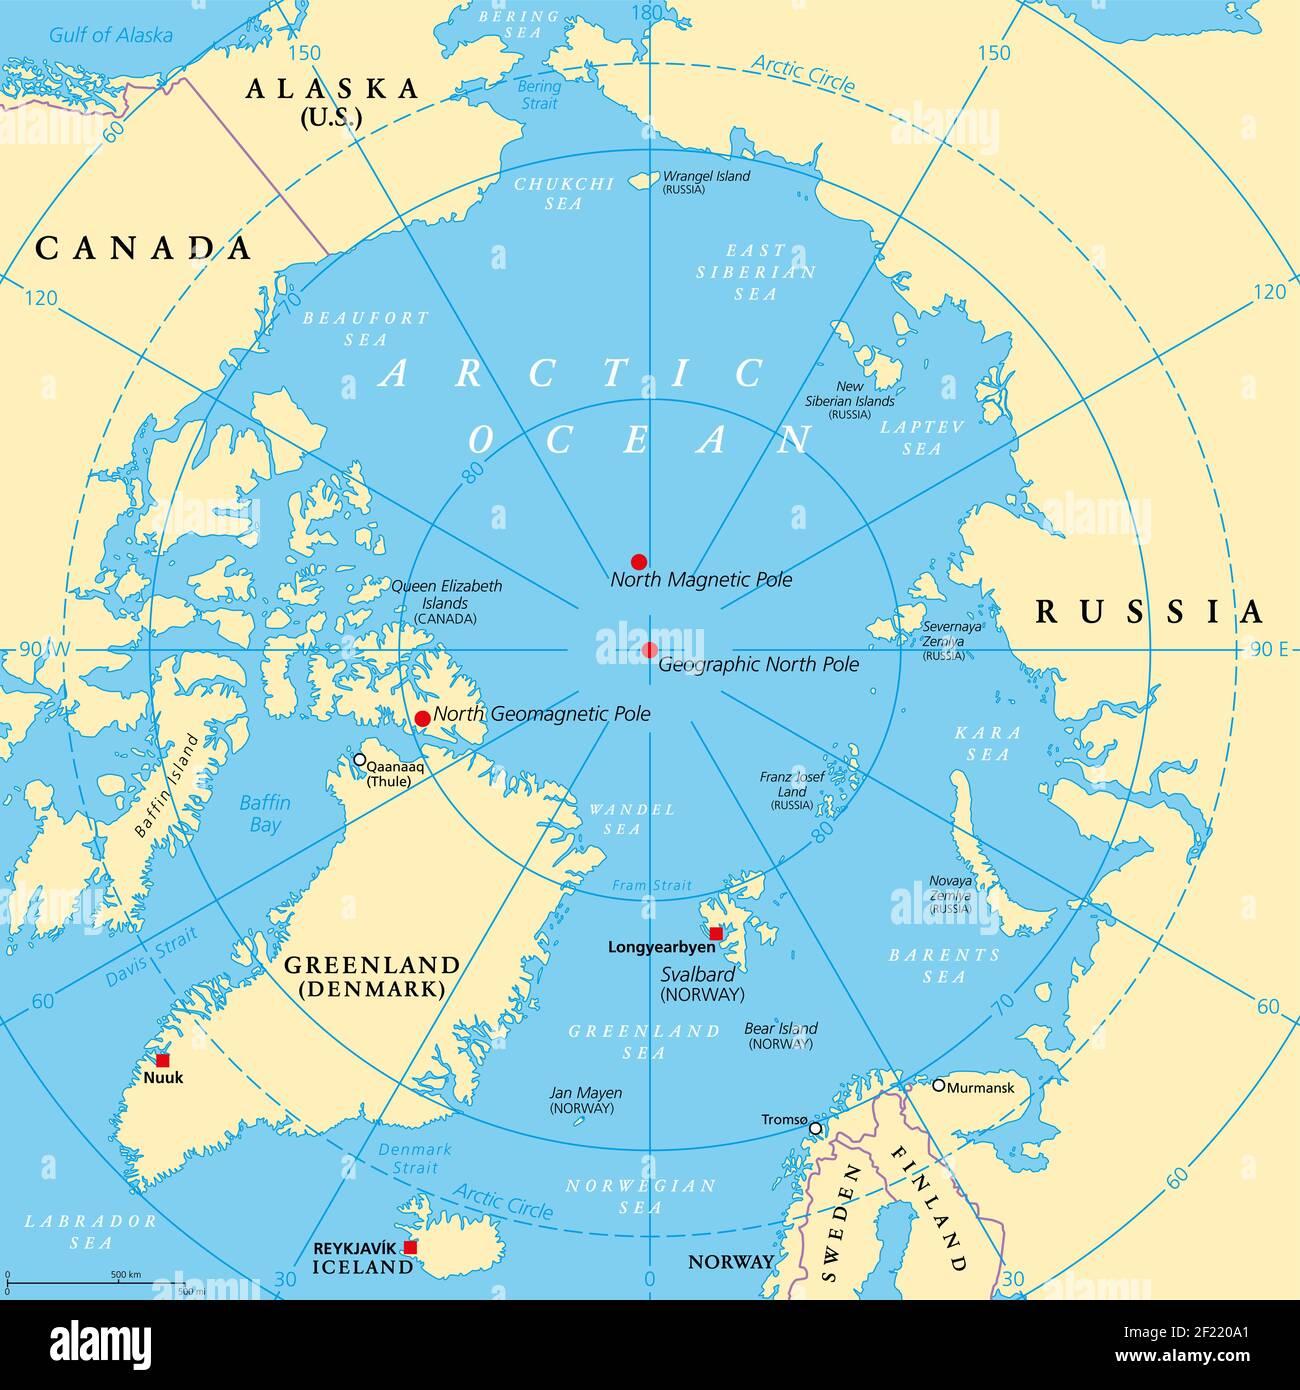 Cartina Mondo Hawaii.Mappa Del Mare Di Bering Immagini E Fotos Stock Alamy